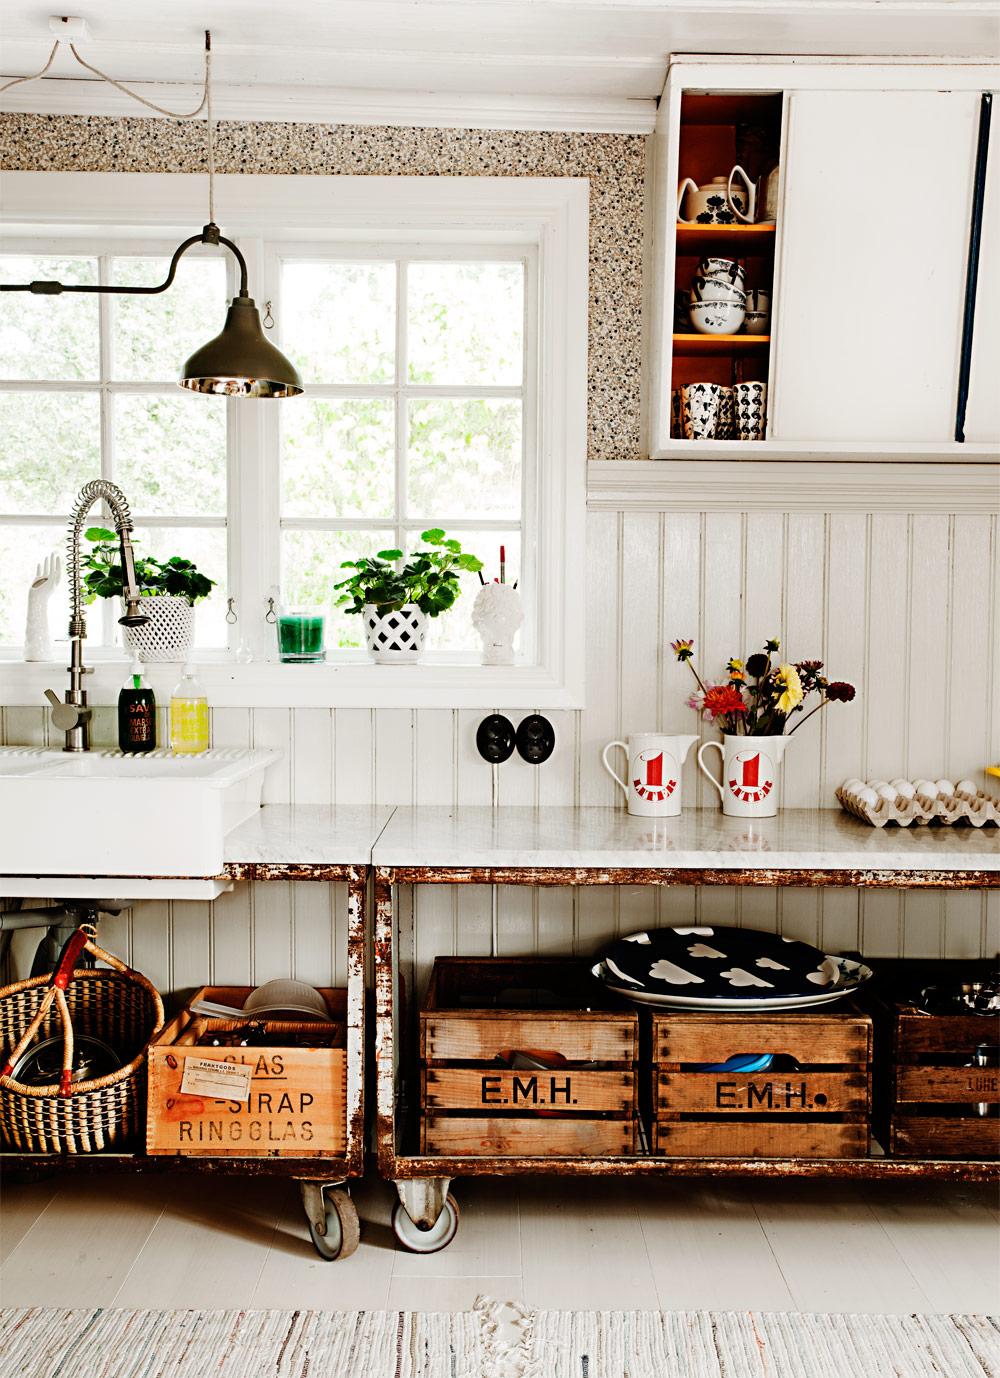 Keltainen talo rannalla v rikk st valkoiseen kotiin - Decoracion vintage industrial ...